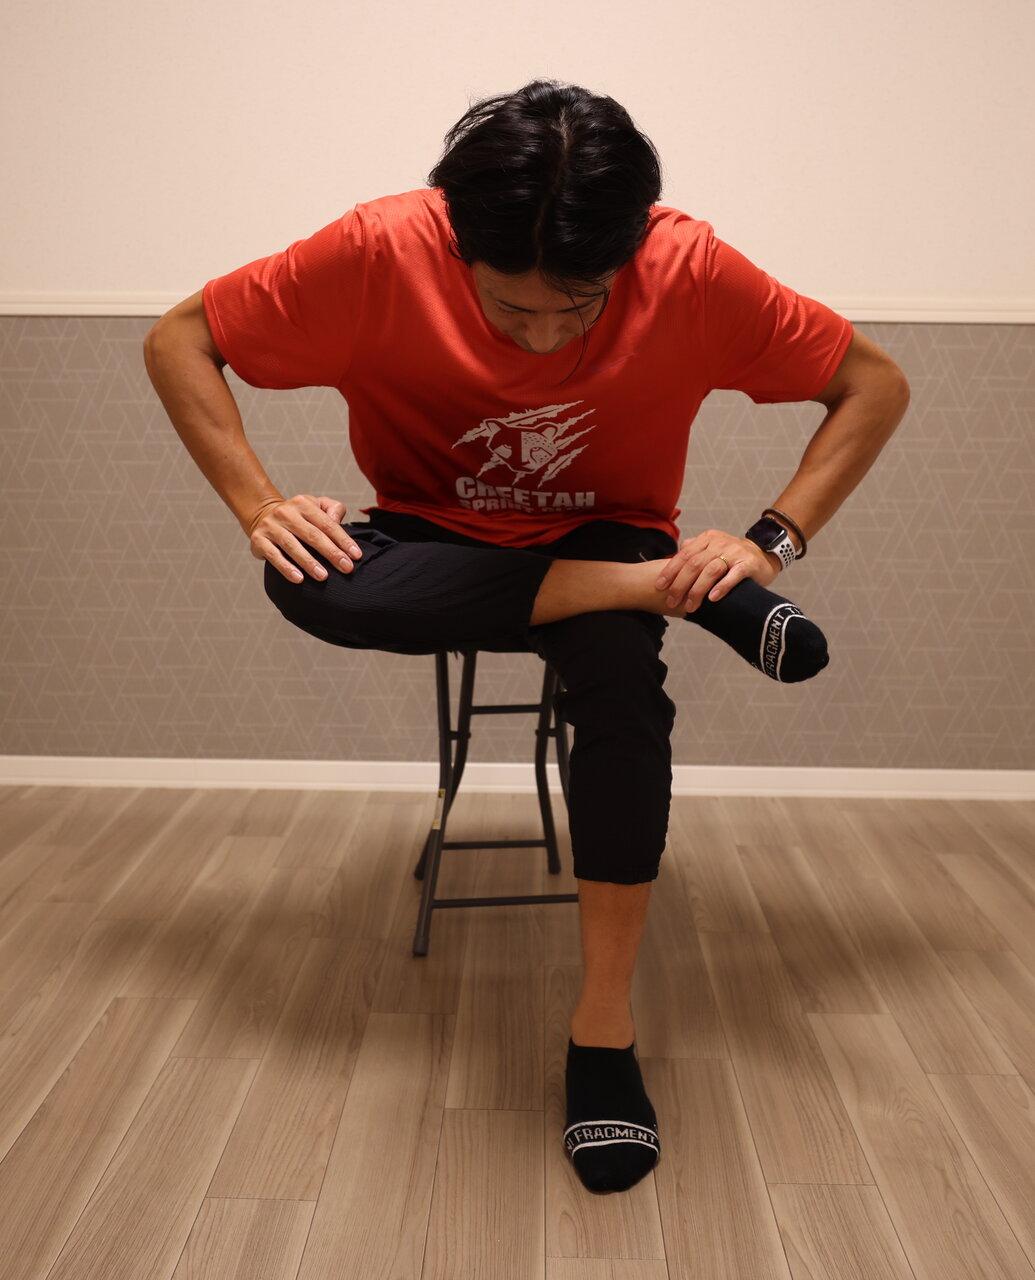 椅子に座ったまま片足ずつあぐらをかくようなイメージでストレッチを。<br> 写真提供:秋本真吾